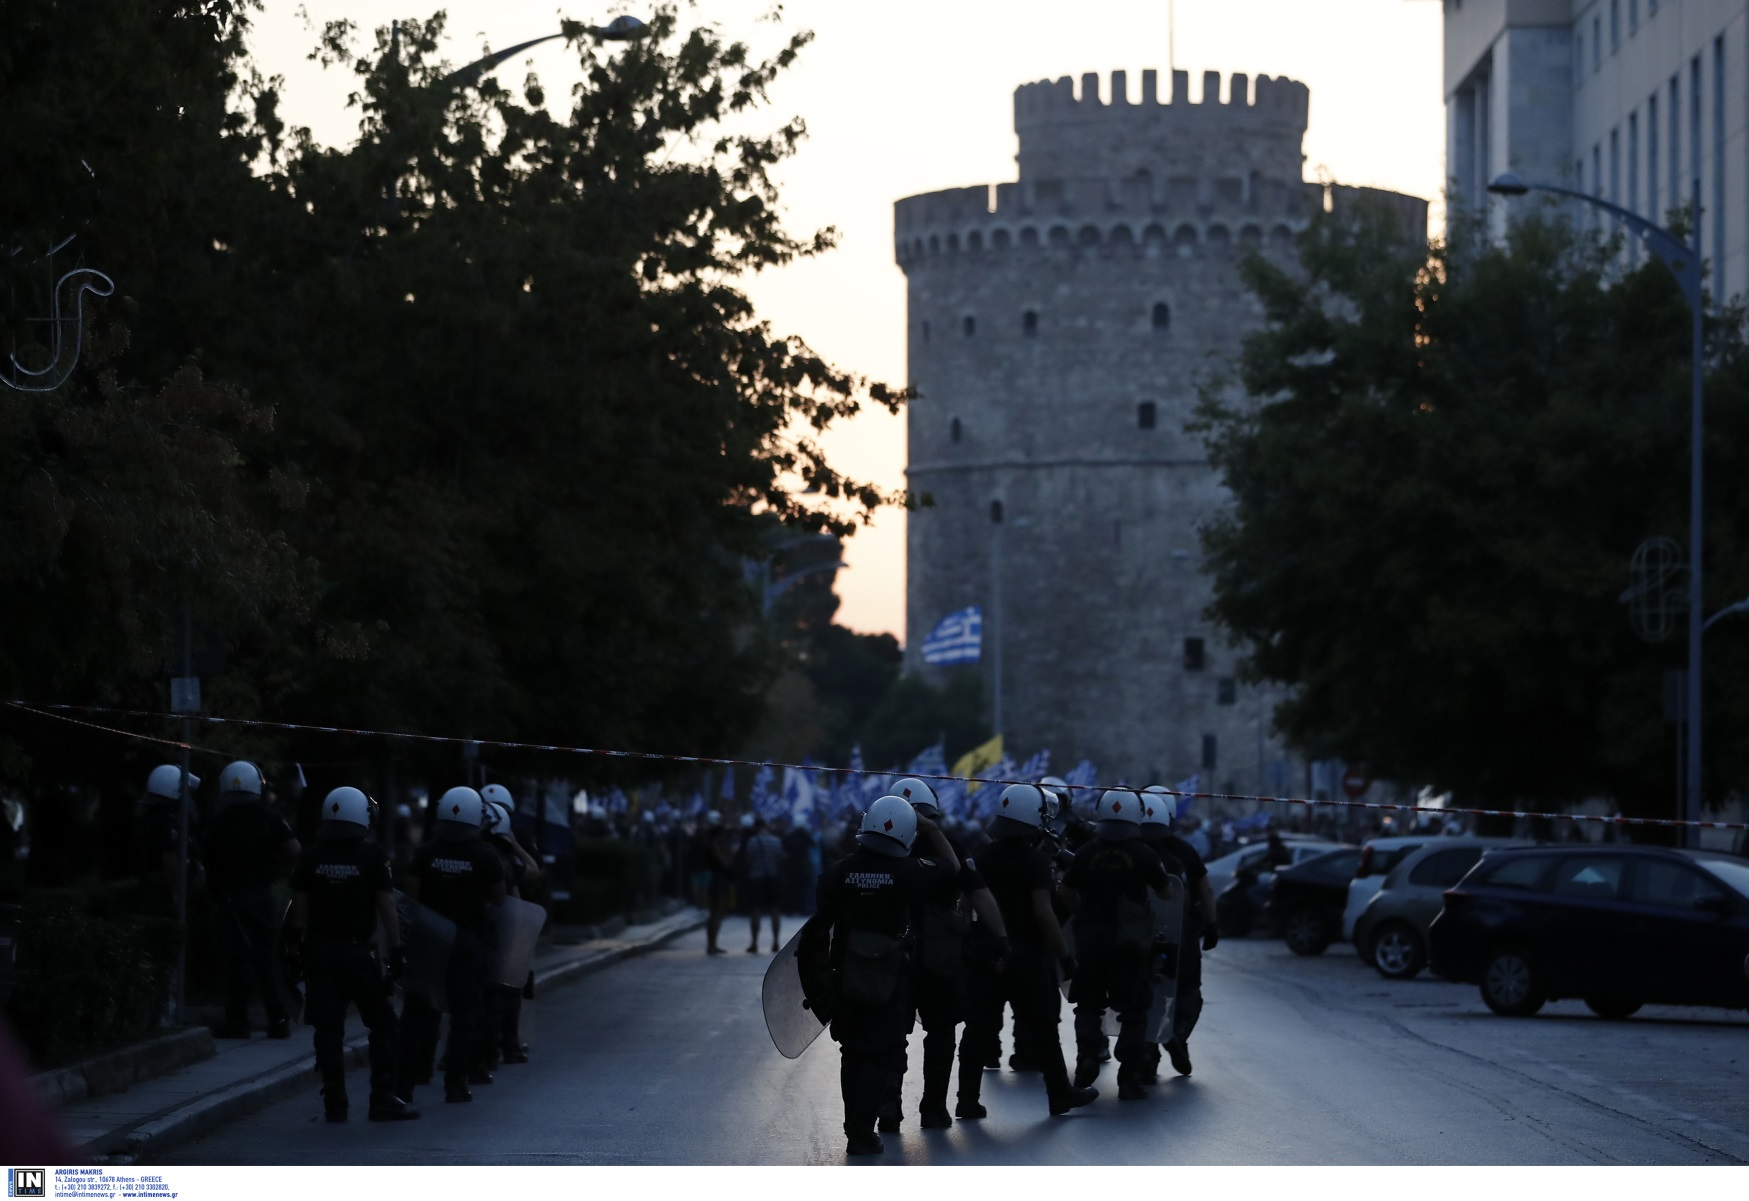 ΔΕΘ 2021 – Θεσσαλονίκη: «Αστακός» ενόψει εγκαινίων – 5.500 αστυνομικοί, drones, «Αίαντες», ελικόπτερα